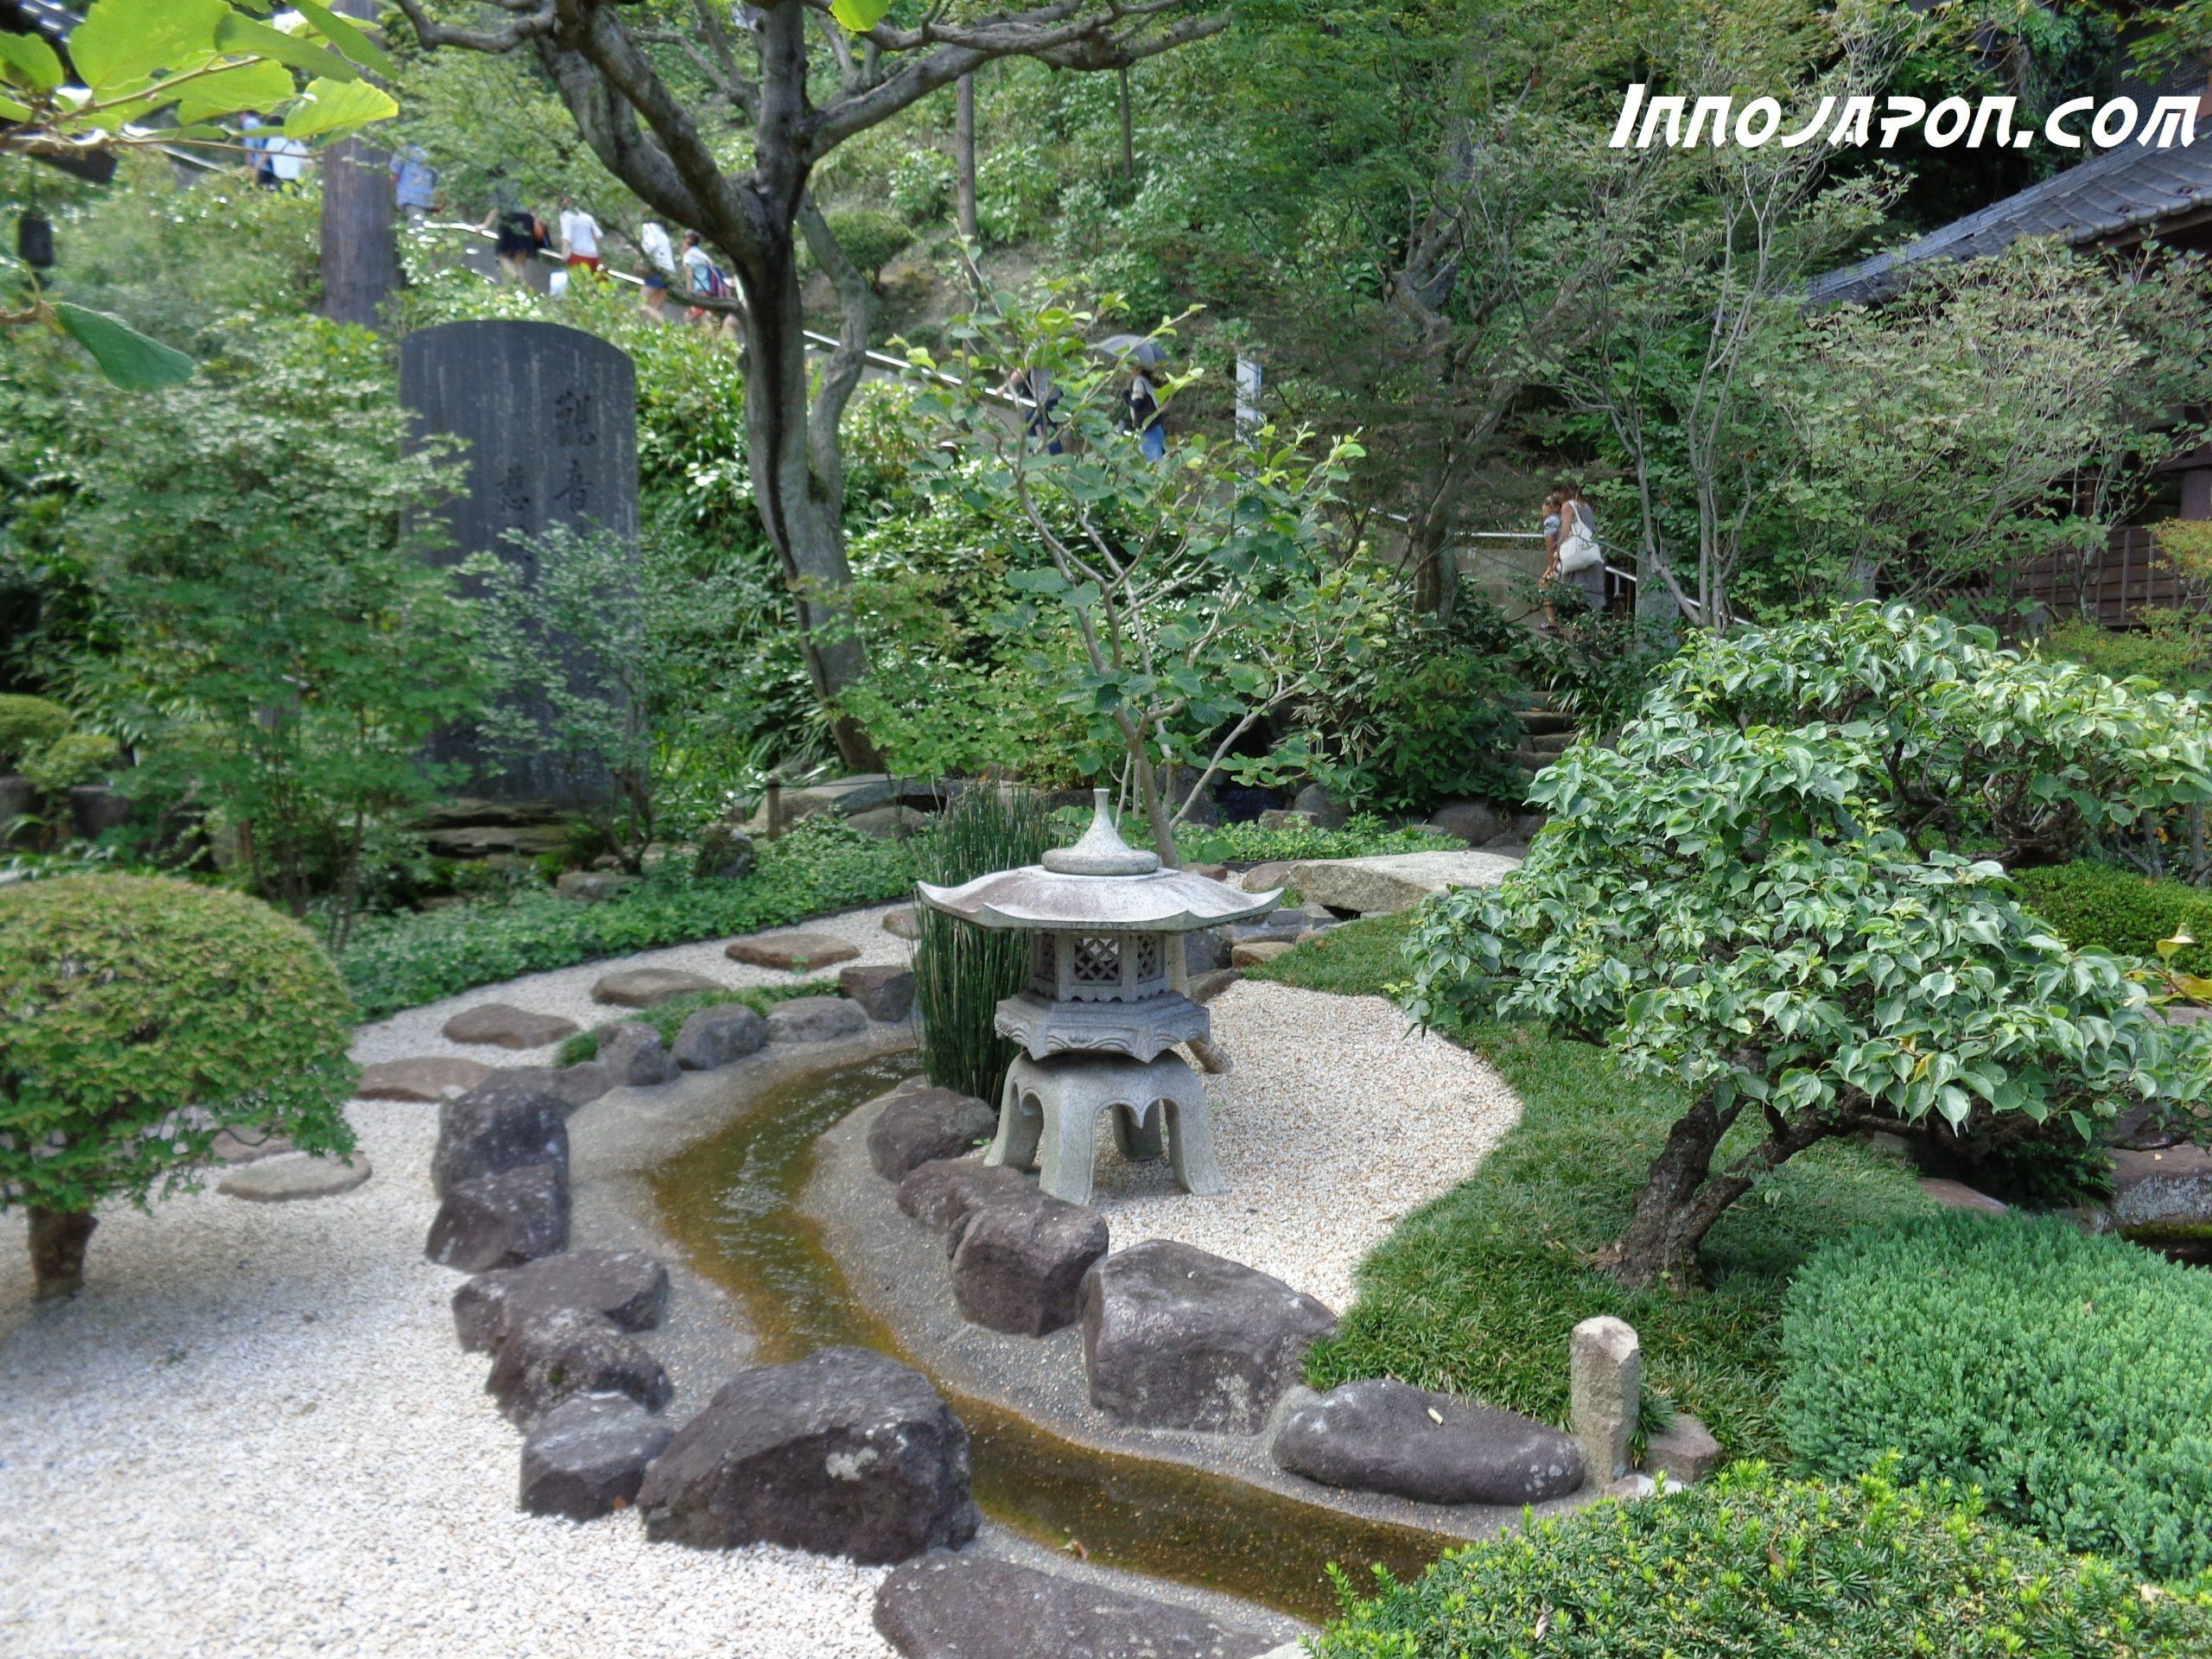 Idée Jardin Japonais – Trouver Des Idées Pour Voyager En Asie tout Petit Jardin Japonisant